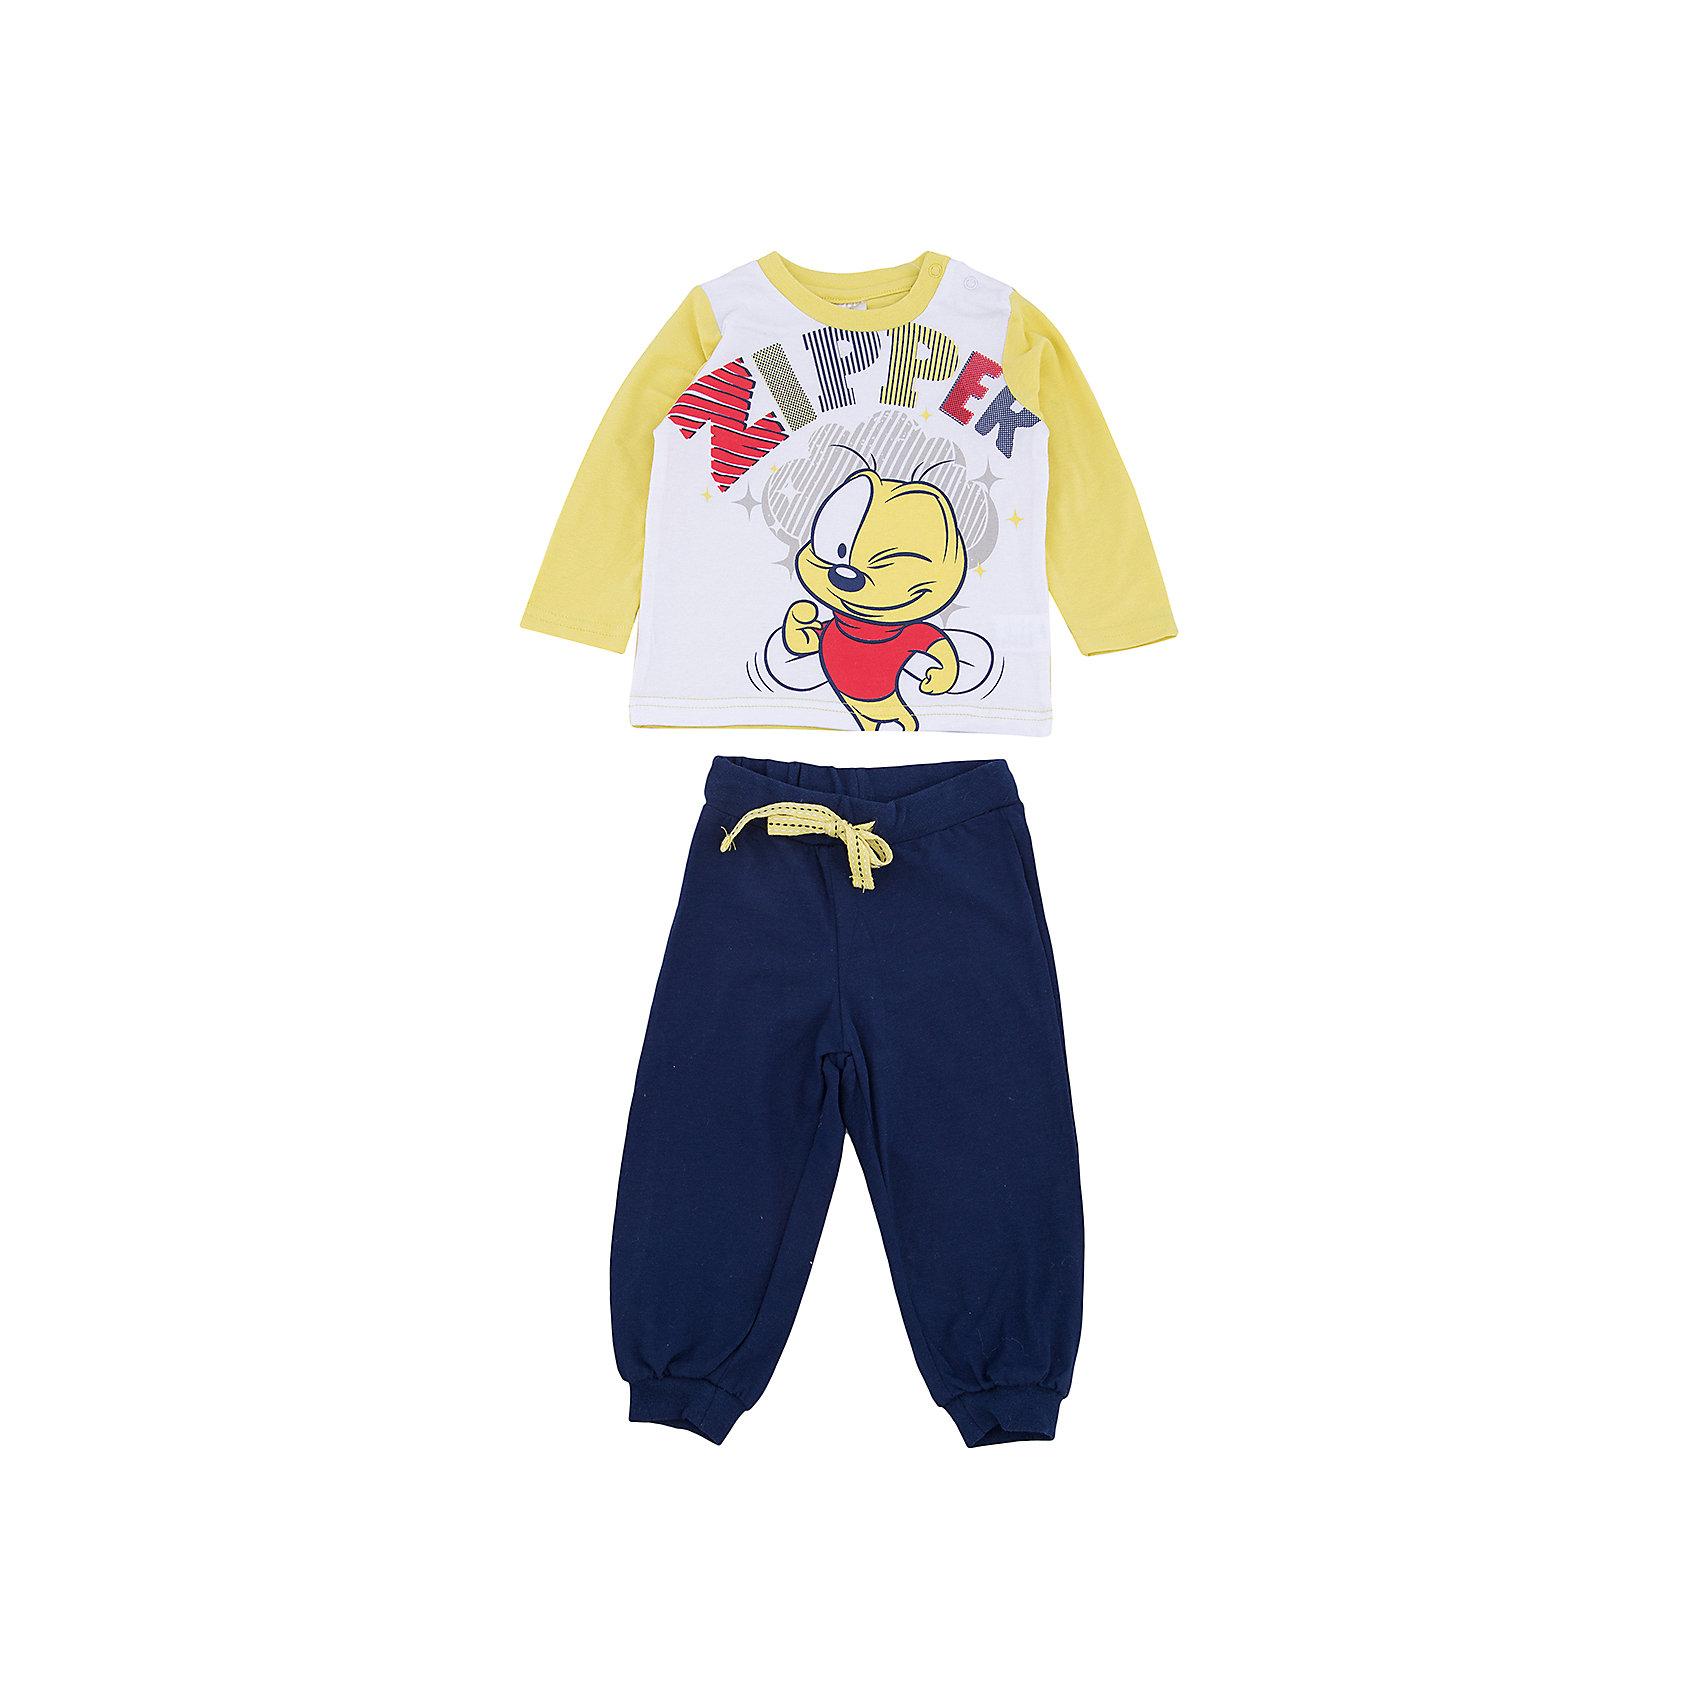 Комплект: футболка с длинным рукавом и брюки PlayToday для мальчикаКомплекты<br>Комплект: футболка с длинным рукавом и брюки PlayToday для мальчика<br>Комплект из футболки с длинным рукавом и брюк может быть и домашней, и спортивной одеждой. Натуральный, приятный к телу материал не сковывает движений. Пояс брюк на широкой мягкой резинке, дополнен регулируемым шнуром - кулиской. Низ штанин на мягких манжетах. Футболка декорирована ярким принтом. Горловина дополнена удобными застежками - кнопками.<br>Состав:<br>95% хлопок, 5% эластан<br><br>Ширина мм: 230<br>Глубина мм: 40<br>Высота мм: 220<br>Вес г: 250<br>Цвет: белый<br>Возраст от месяцев: 18<br>Возраст до месяцев: 24<br>Пол: Мужской<br>Возраст: Детский<br>Размер: 92,74,80,86<br>SKU: 7107733